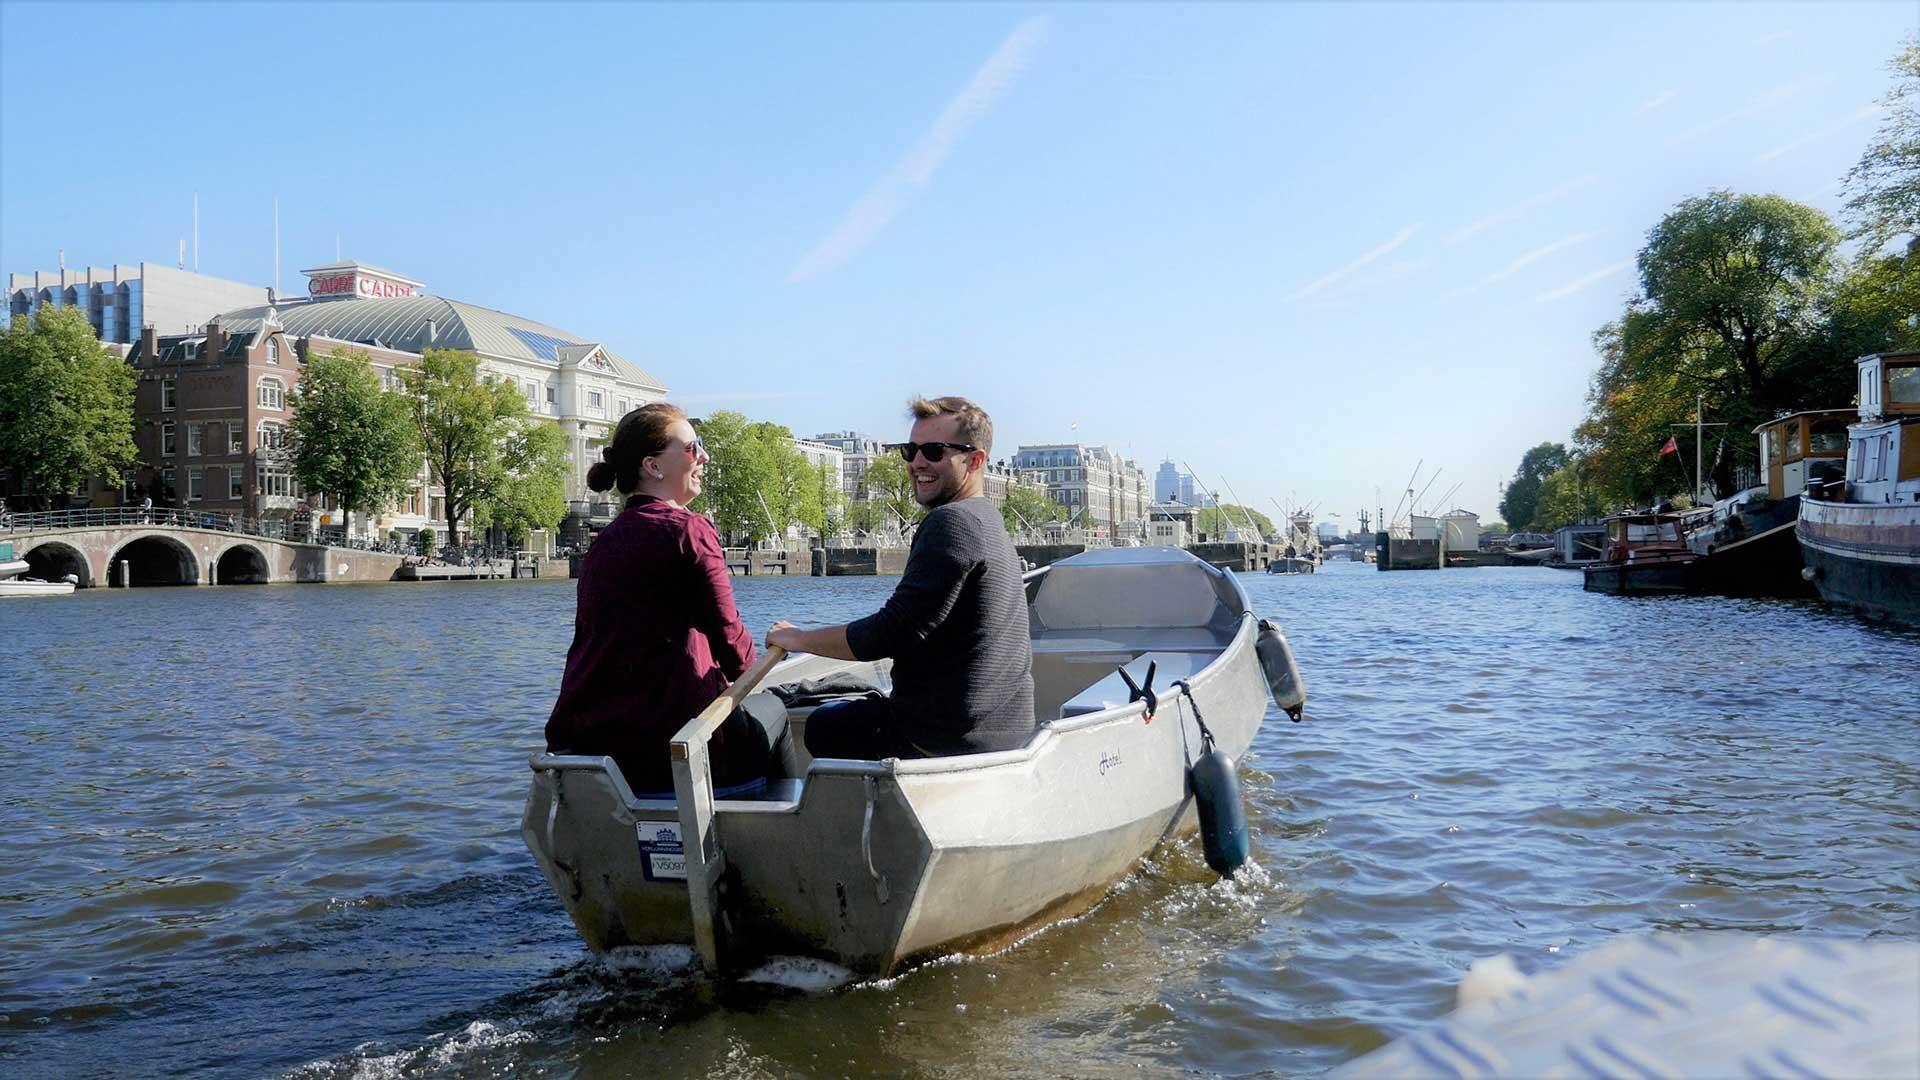 Bootje sloep huren Amsterdam bij Boats4rent